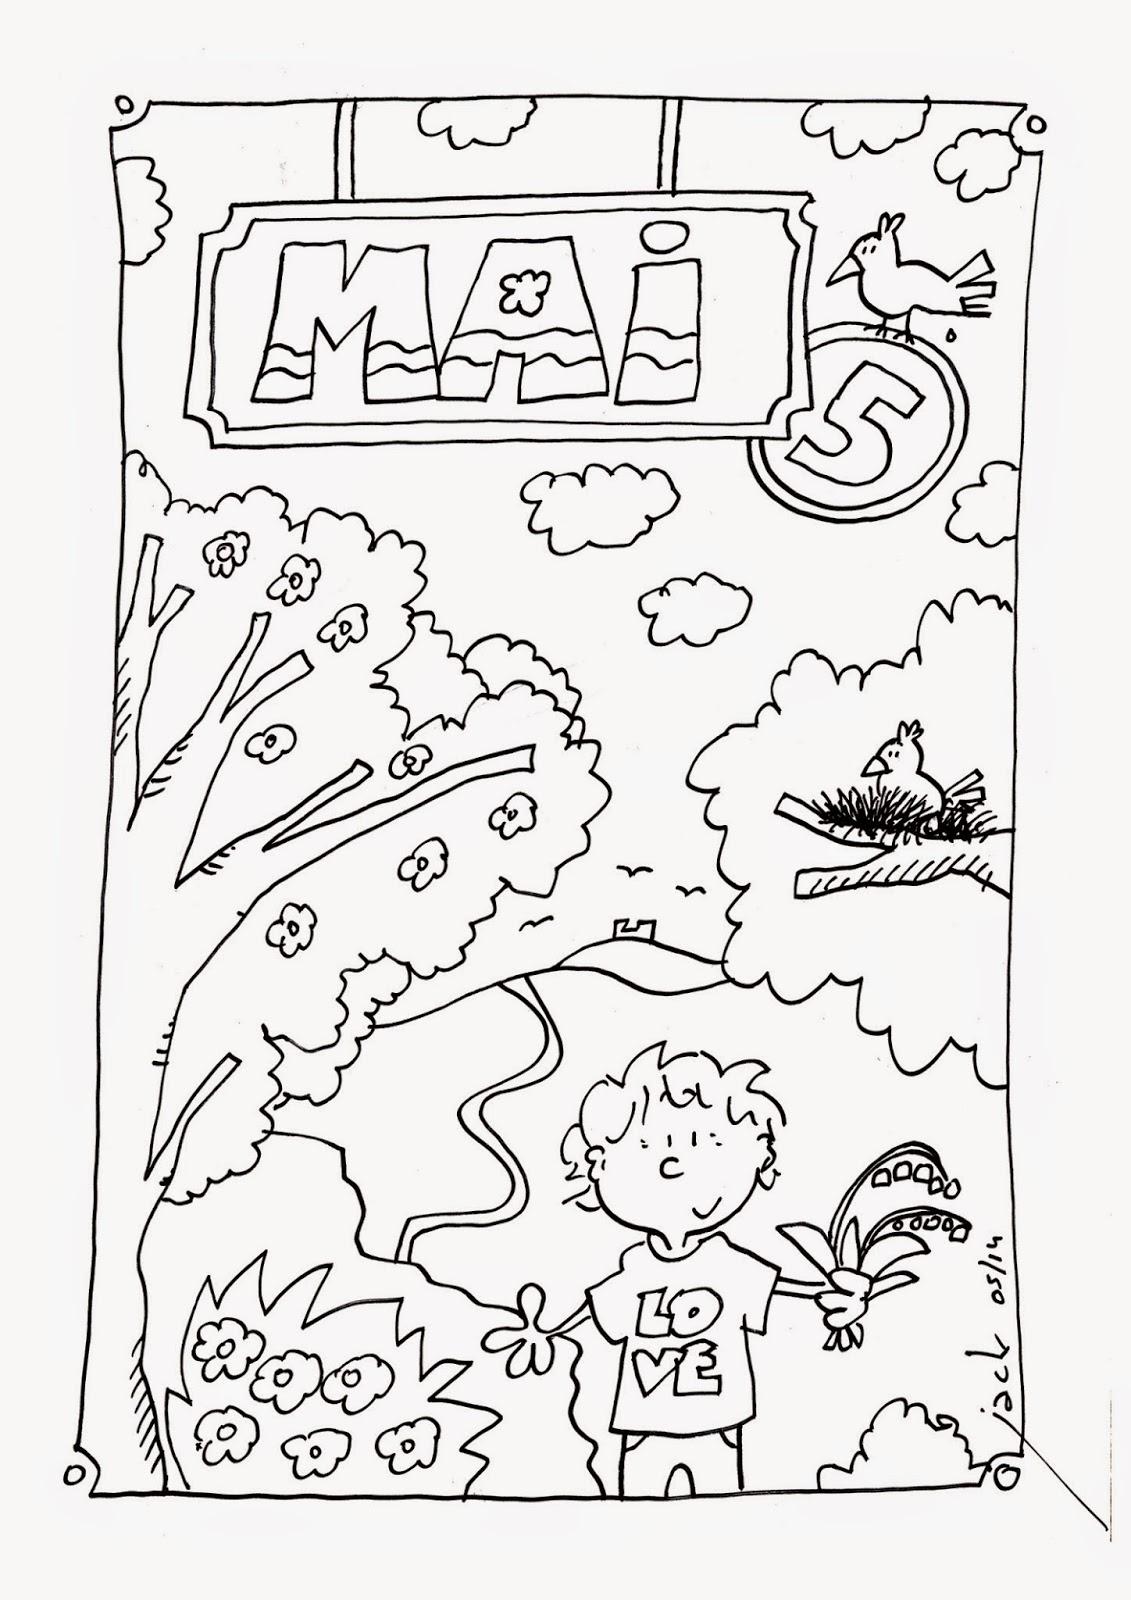 Dessin a colorier maternelle - Coloriage enfant maternelle ...